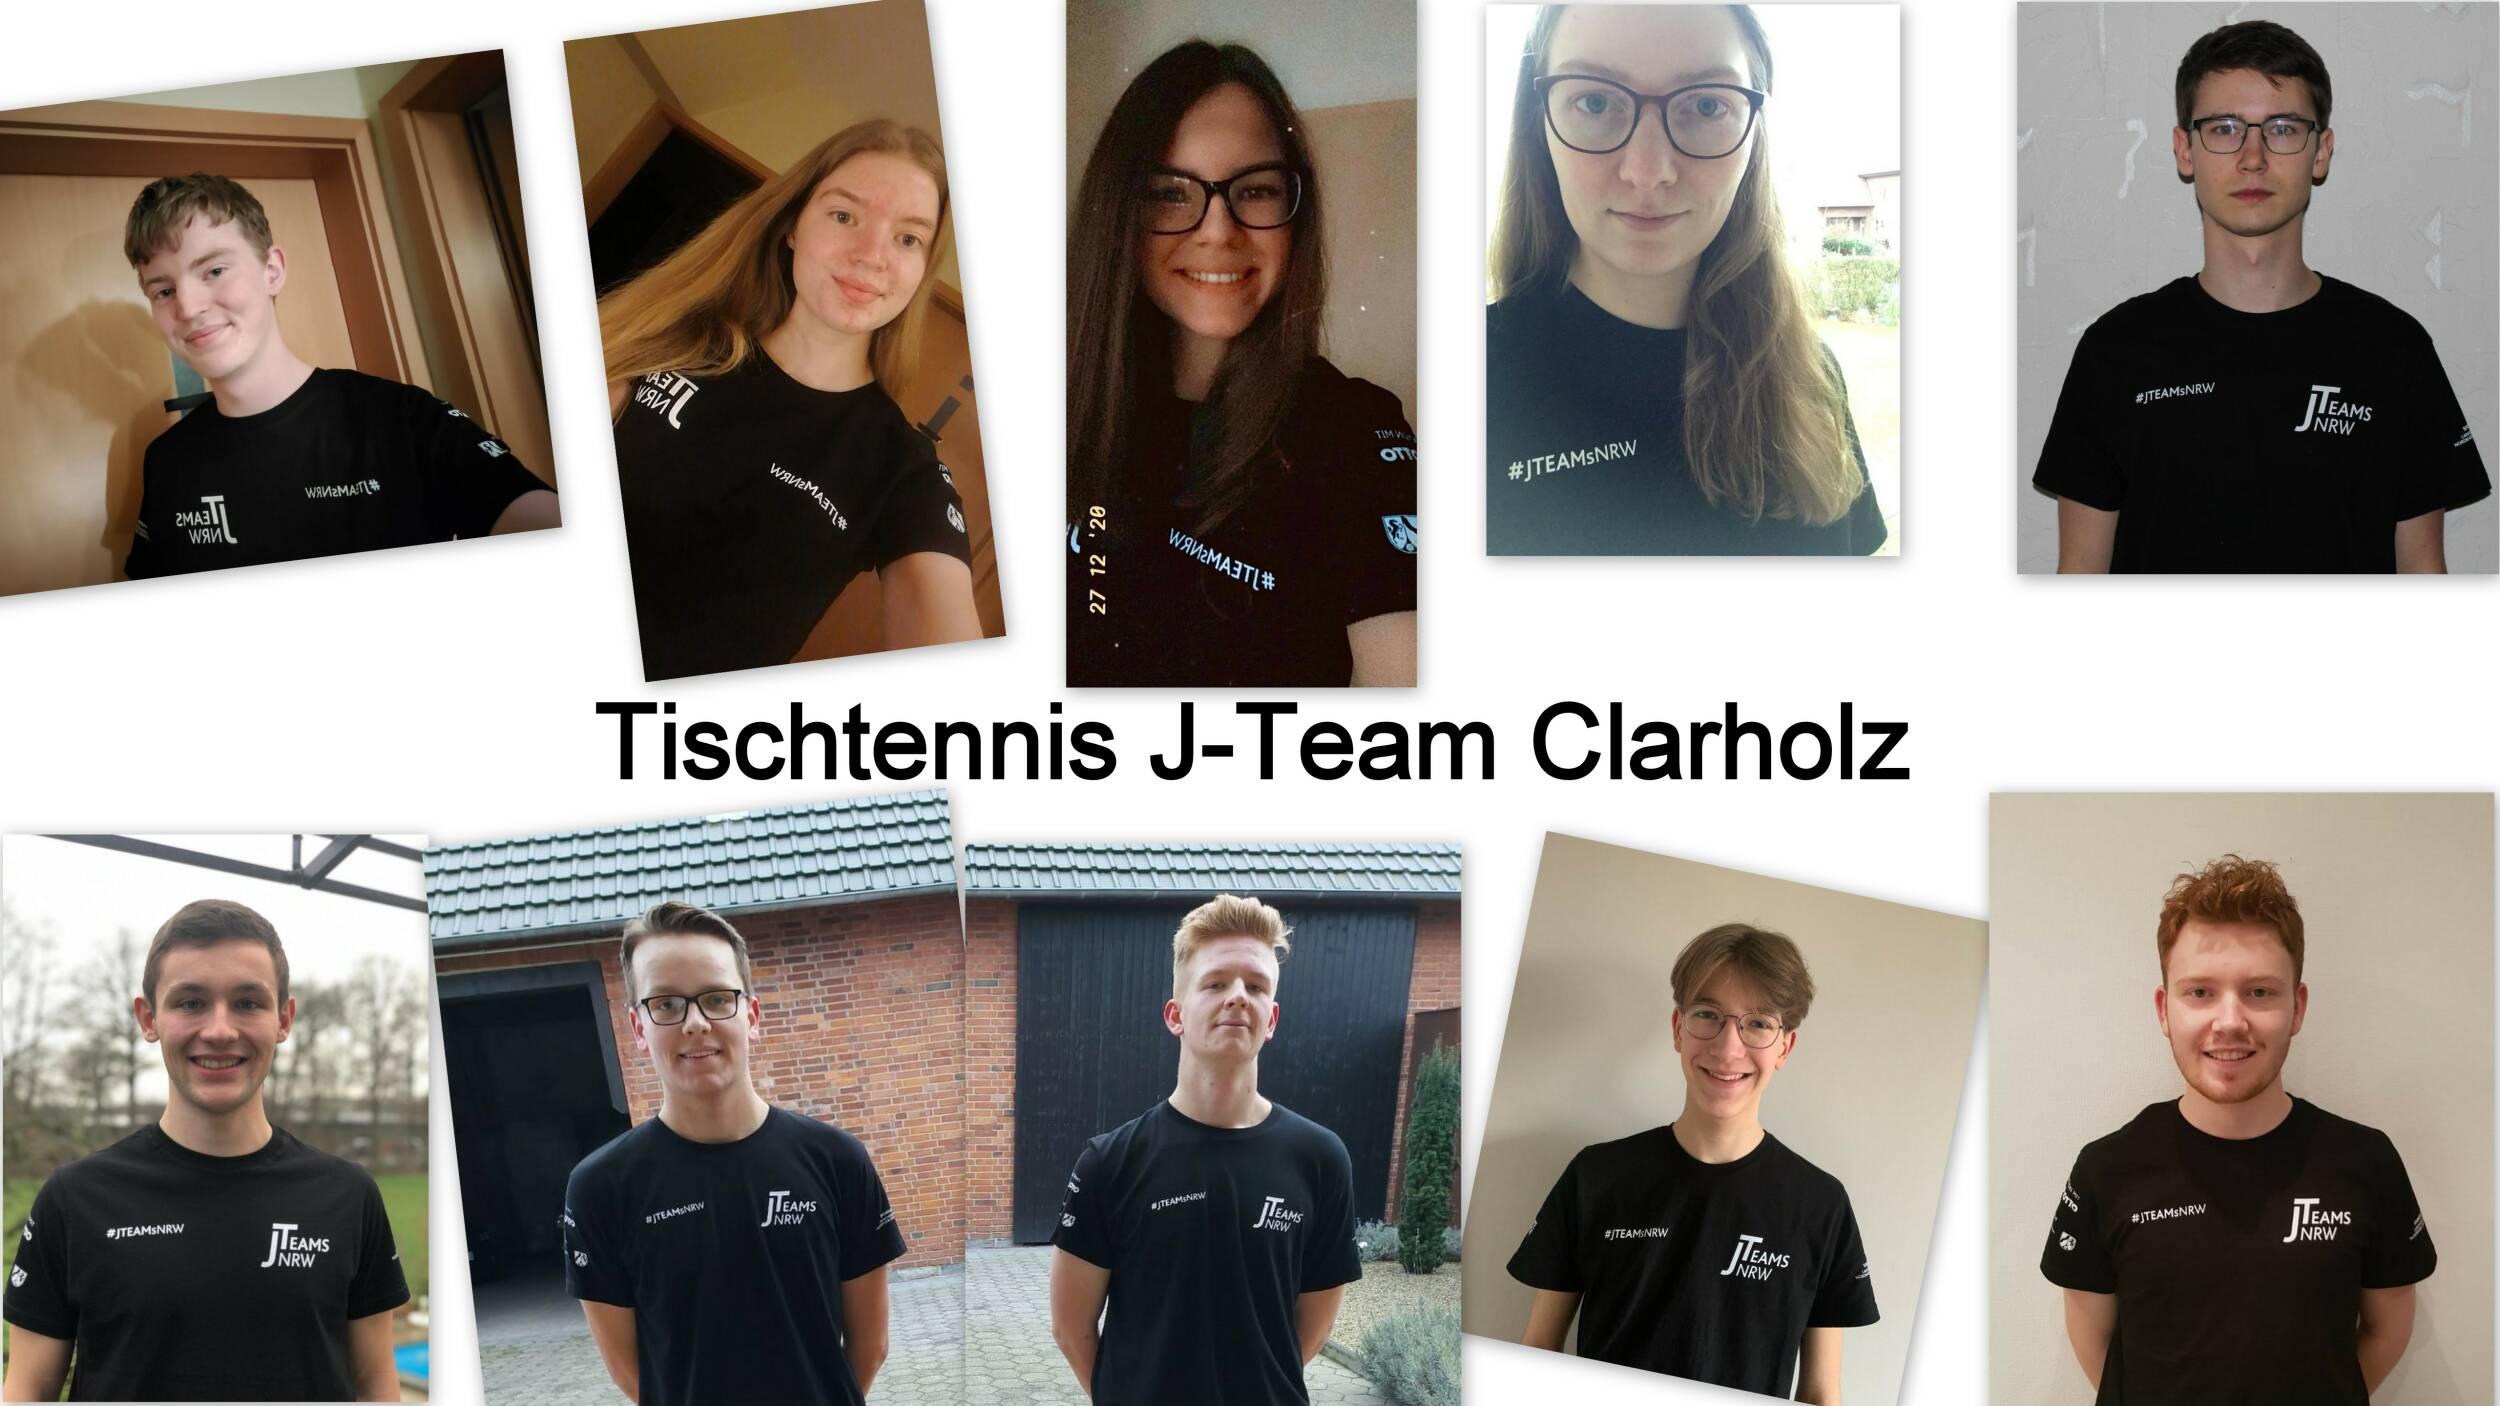 Wir sind das Tischtennis J-Team Clarholz!